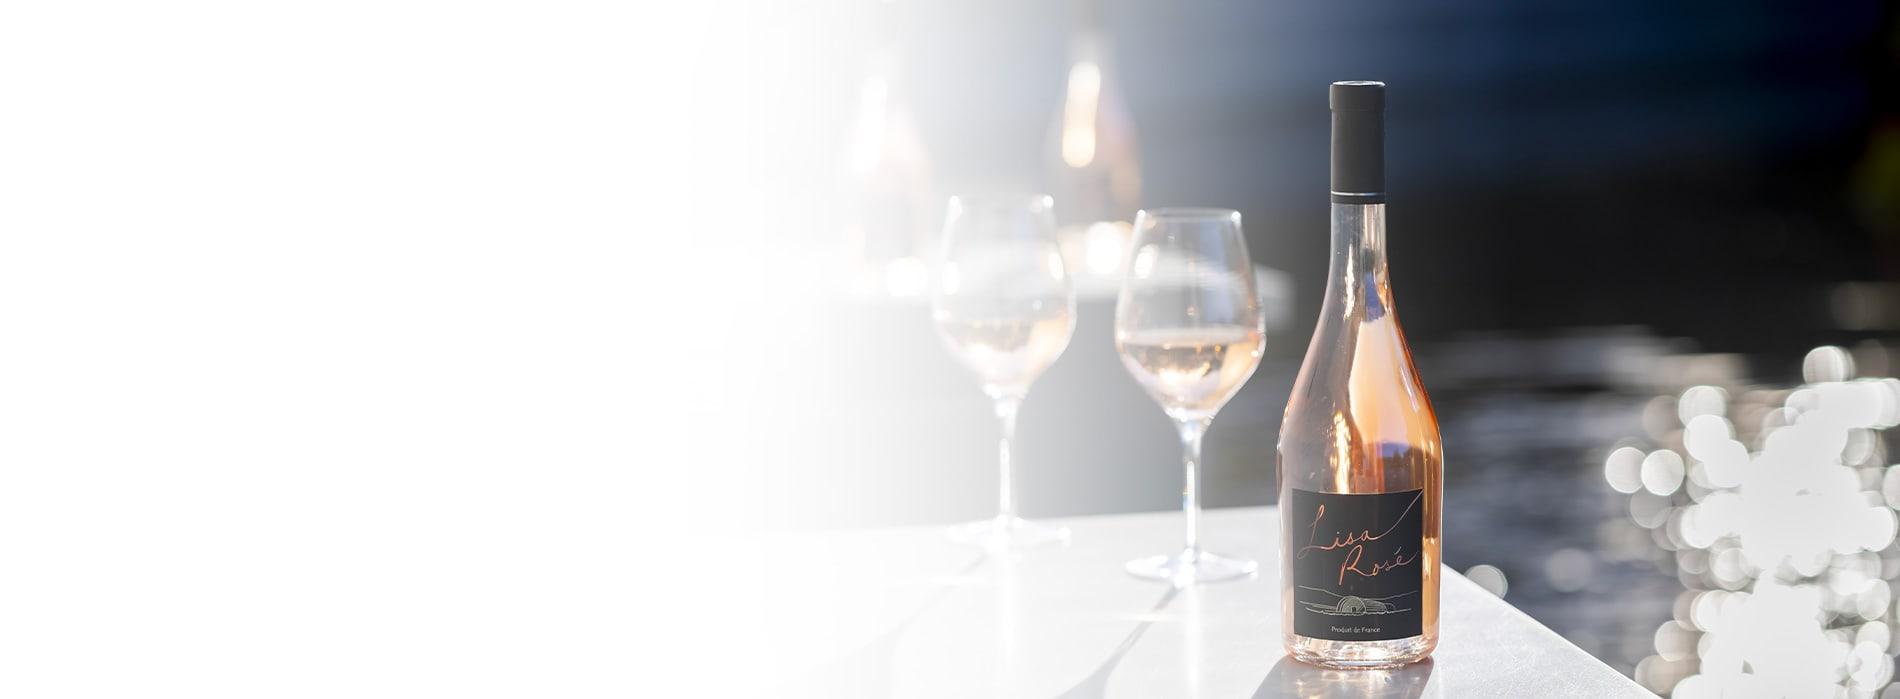 Foire aux vins 2021 Château La Coste, Provence